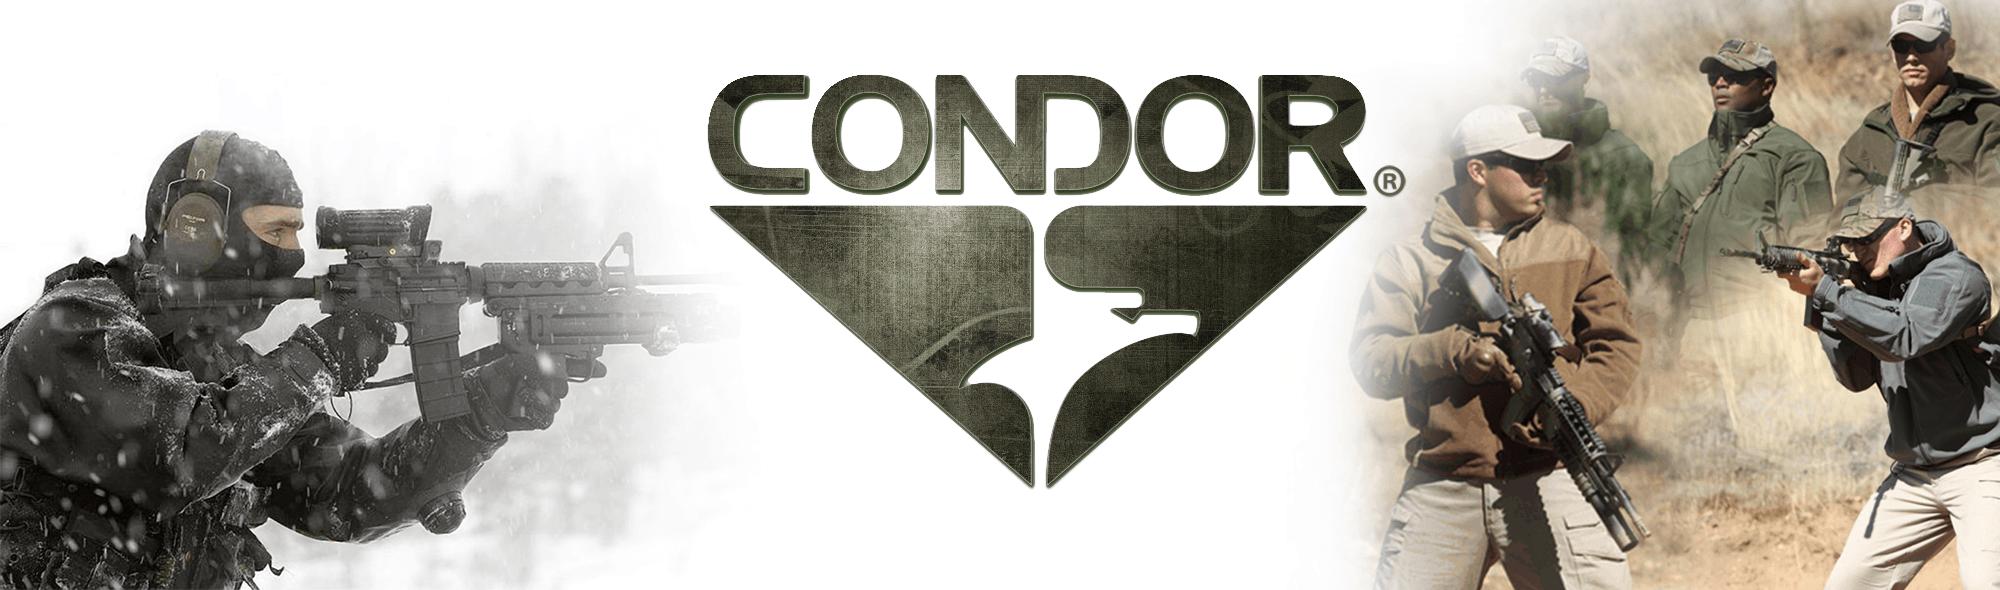 condor211037.png